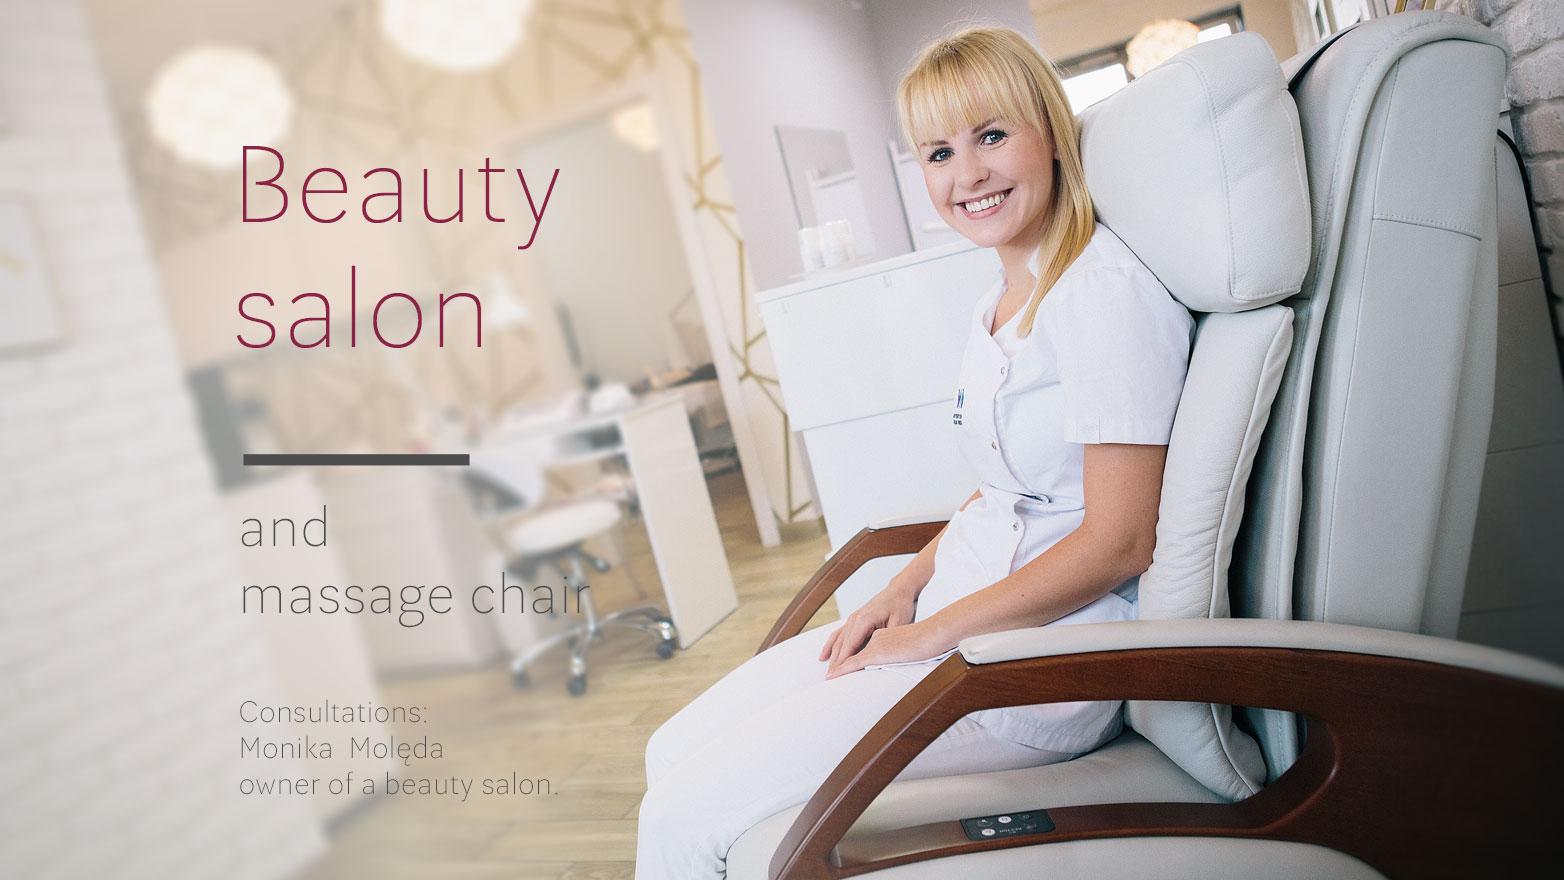 Massage chair in beauty salon